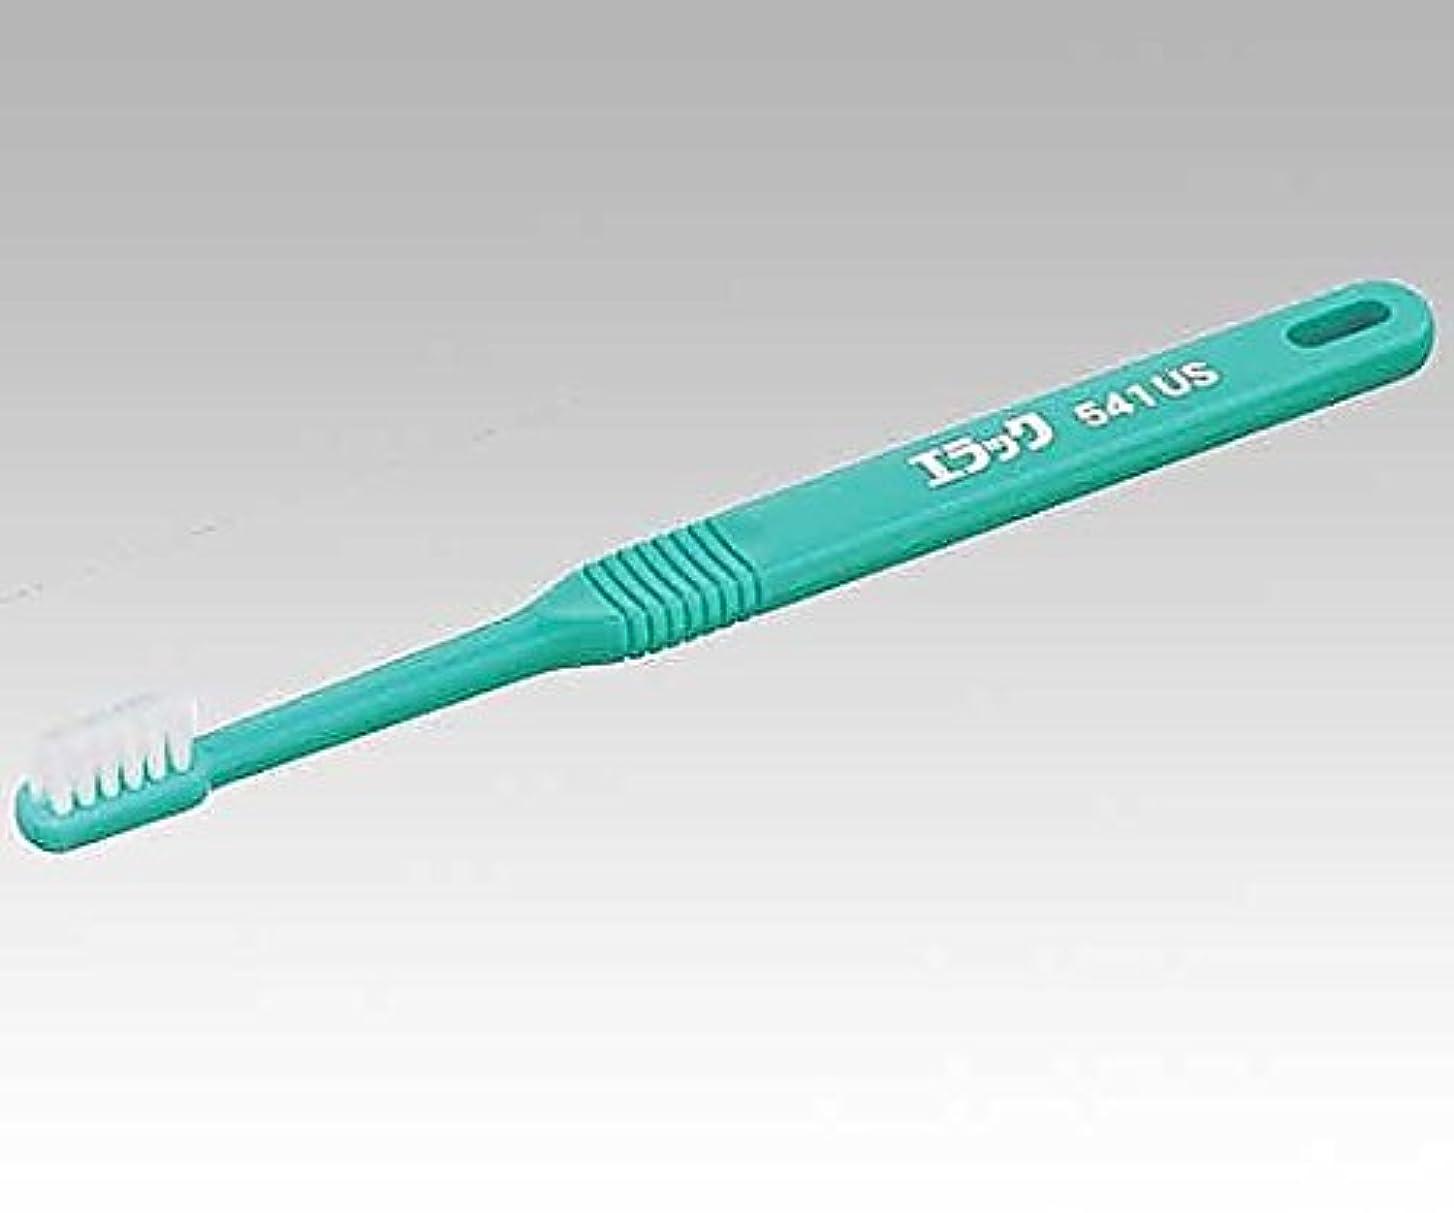 販売員レンダー楽なライオン8-7892-11介助用歯ブラシ(ウルトラソフト/20箱入)